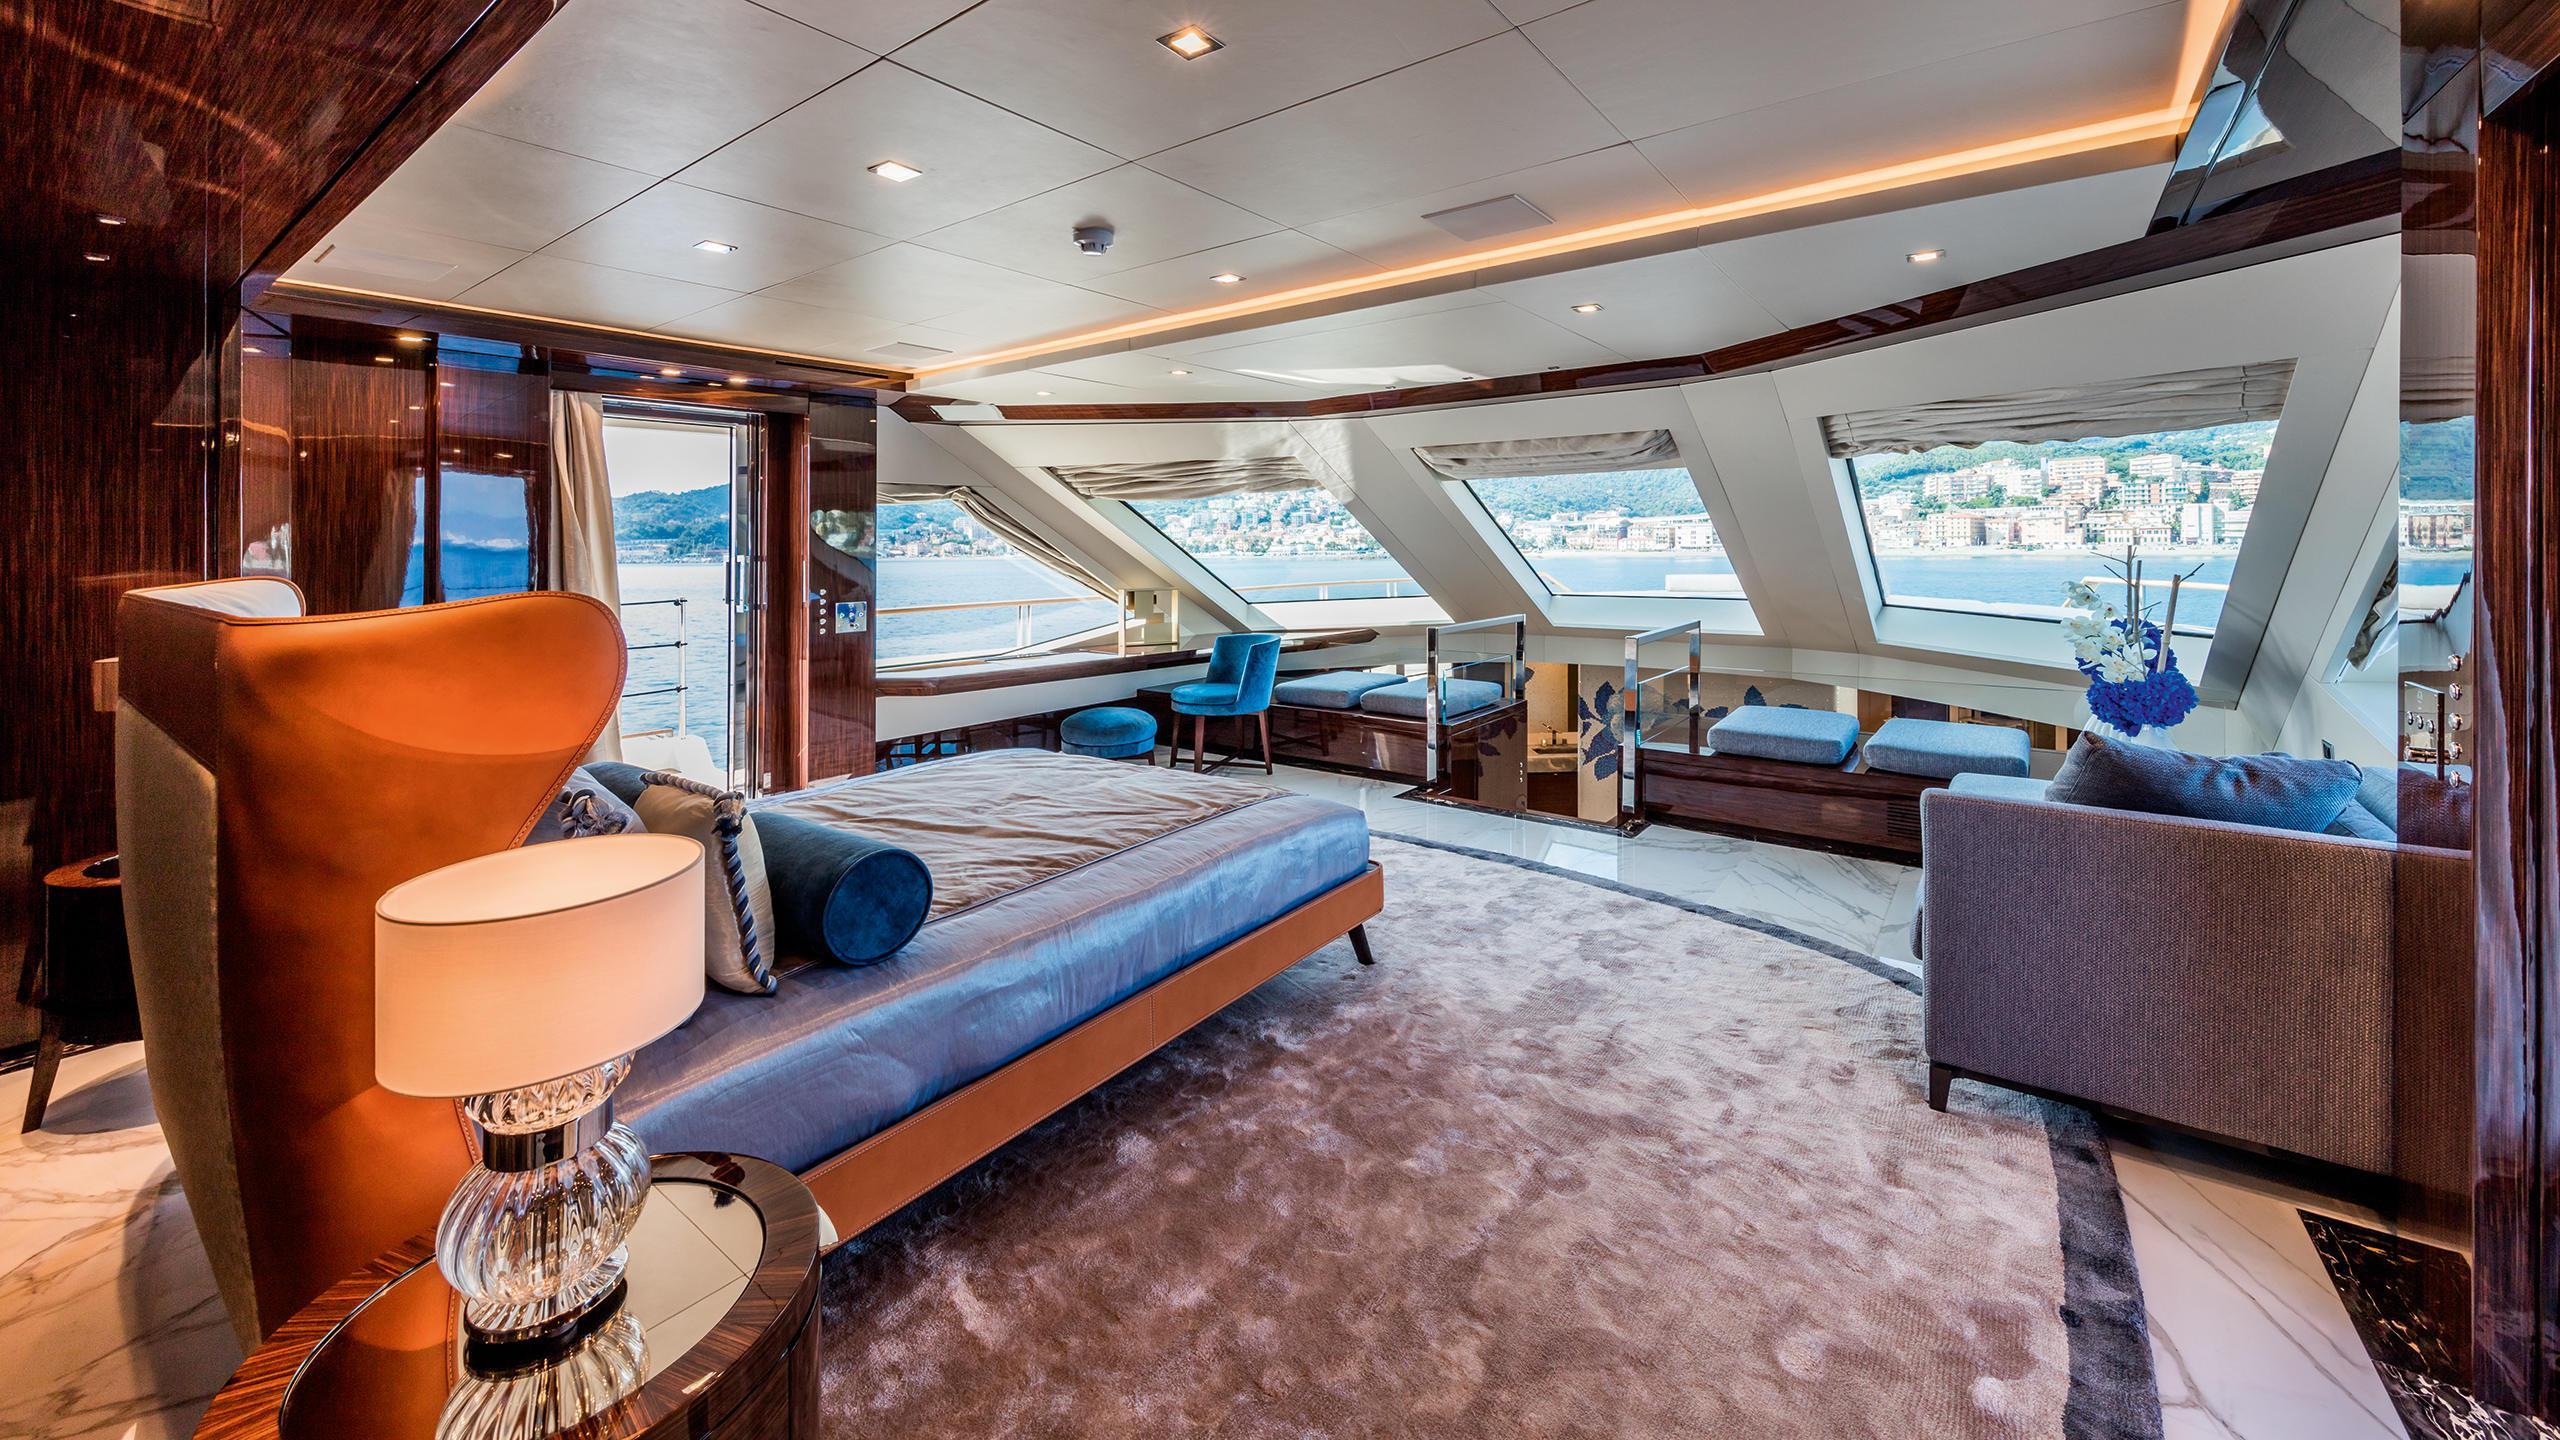 serenity-motor-yacht-mondomarine-2015-42m-state-room